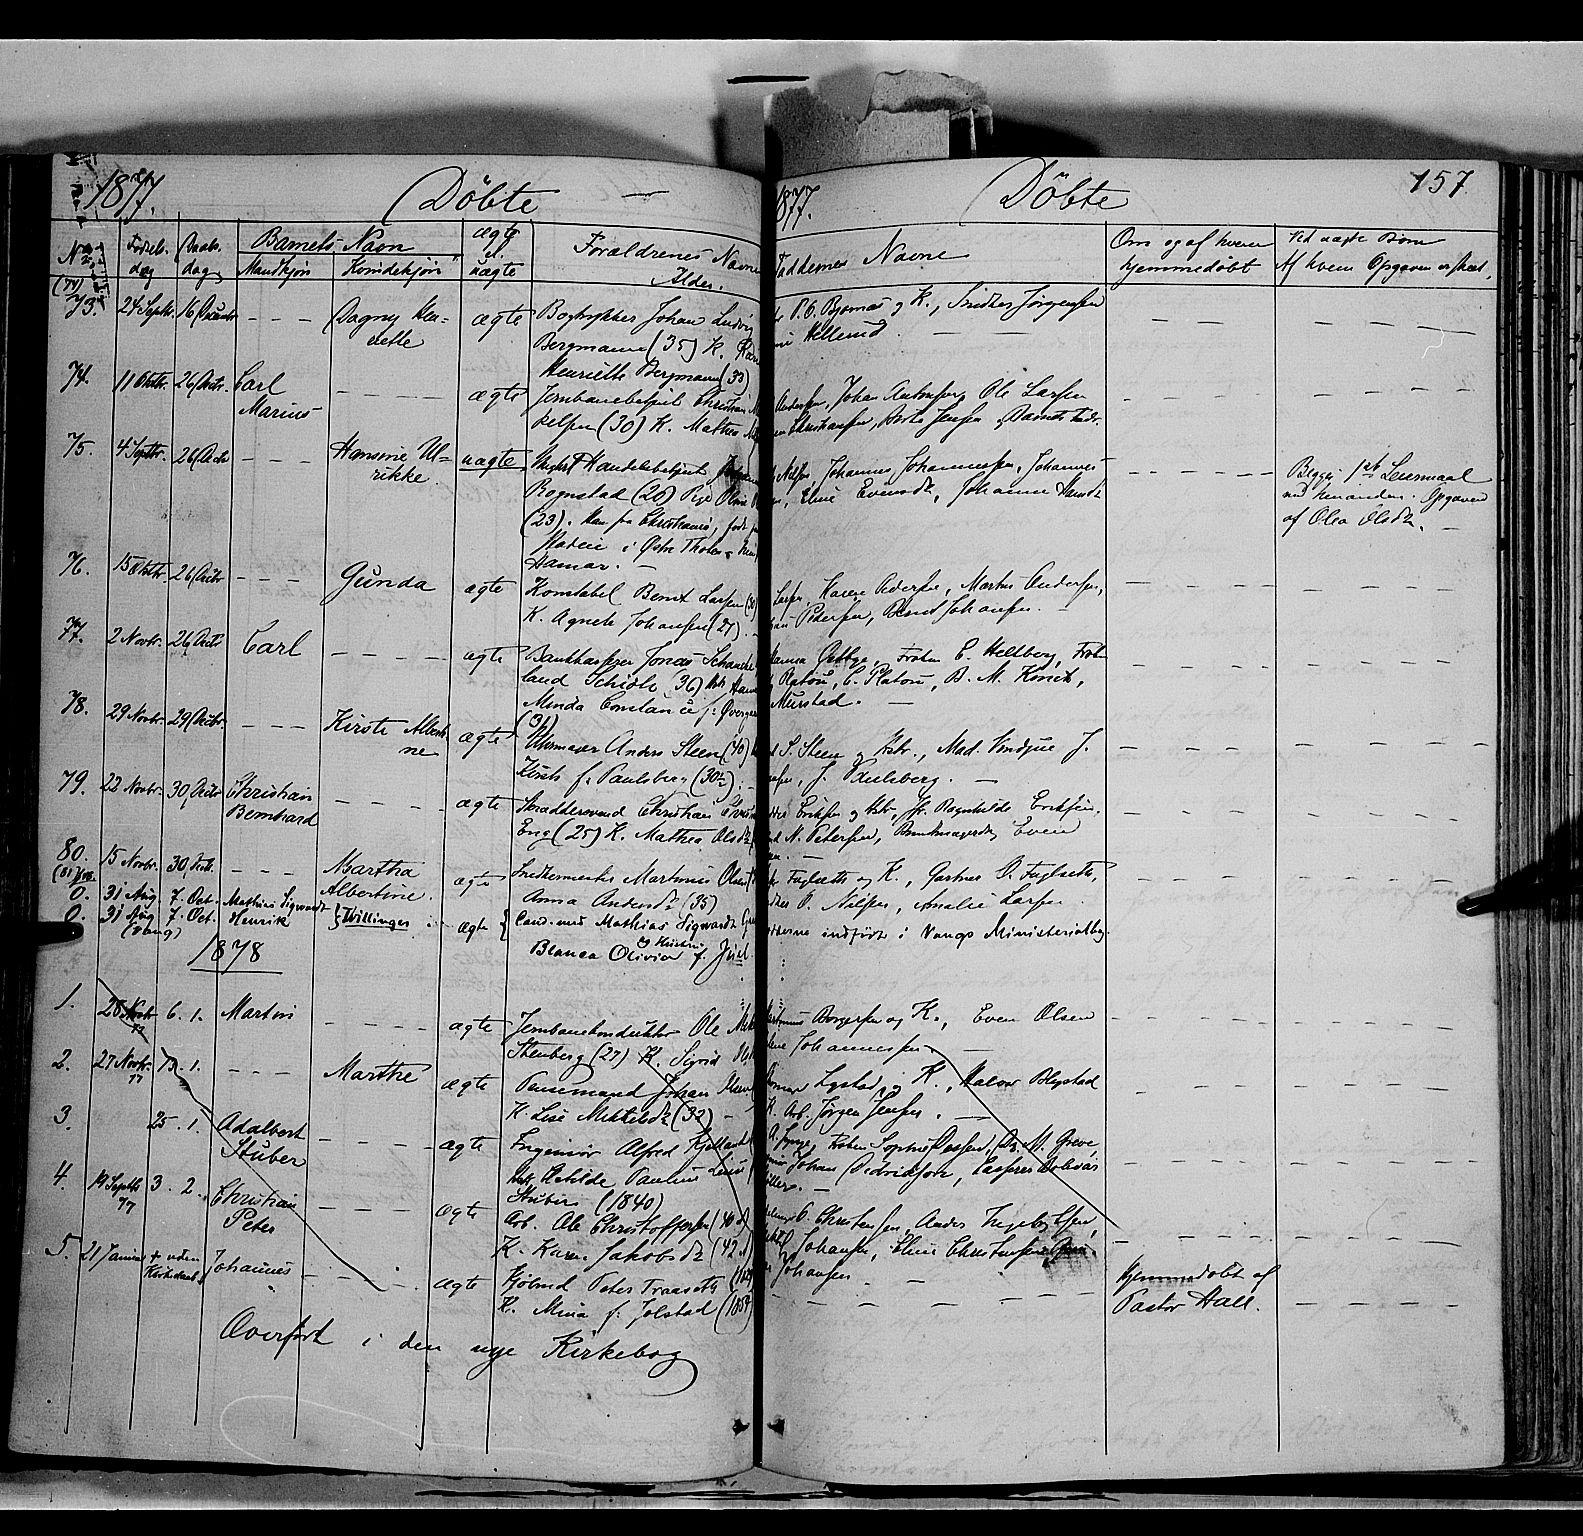 SAH, Vang prestekontor, Hedmark, H/Ha/Haa/L0011: Ministerialbok nr. 11, 1852-1877, s. 157